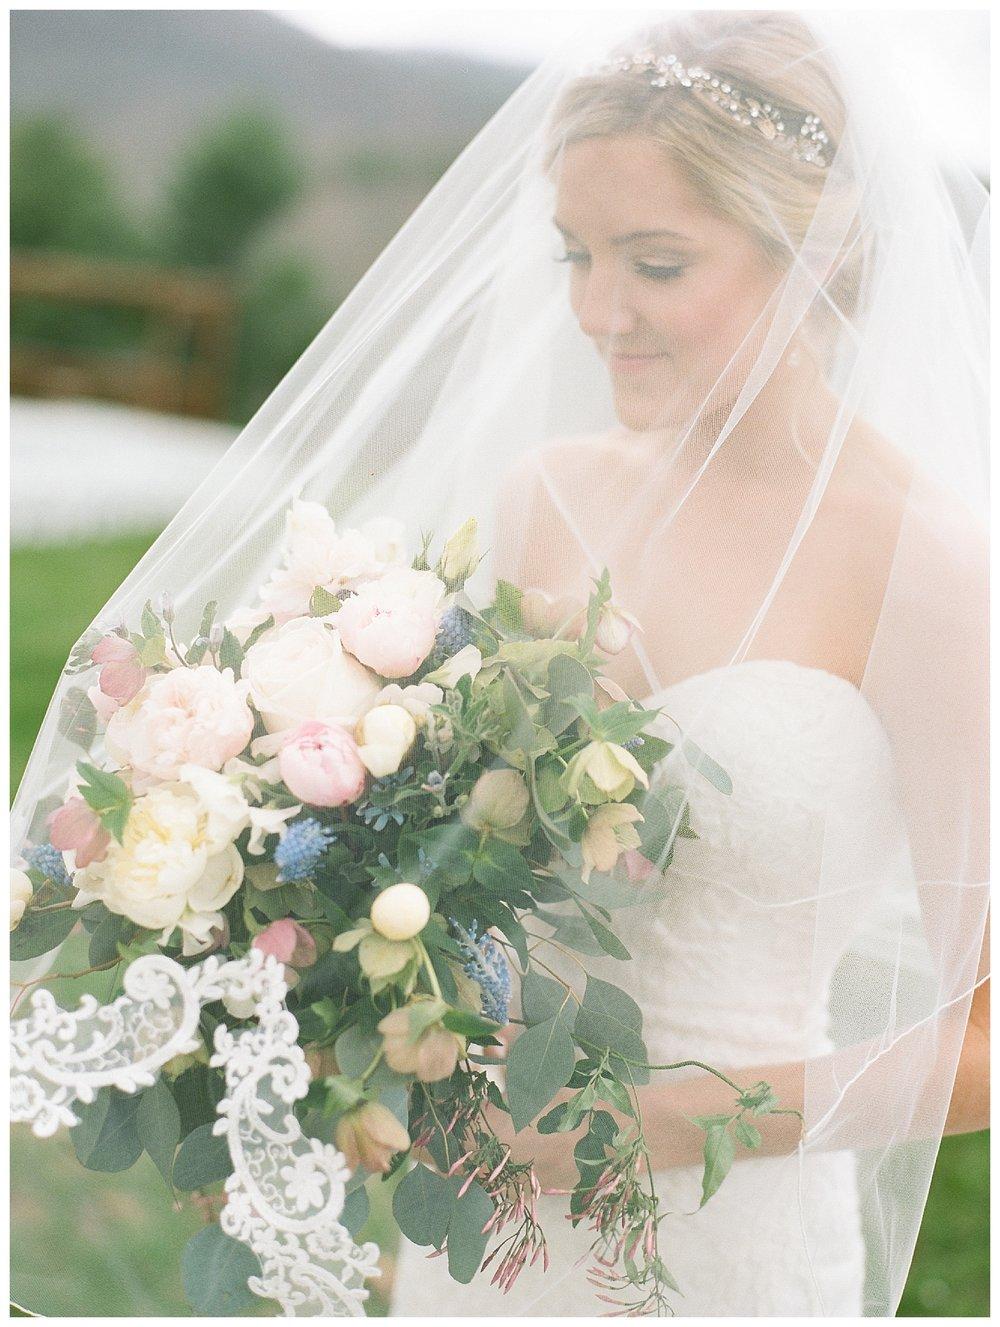 white-oaks-barn-dahlonega-wedding-photographer-christina-pugh_0009.jpg